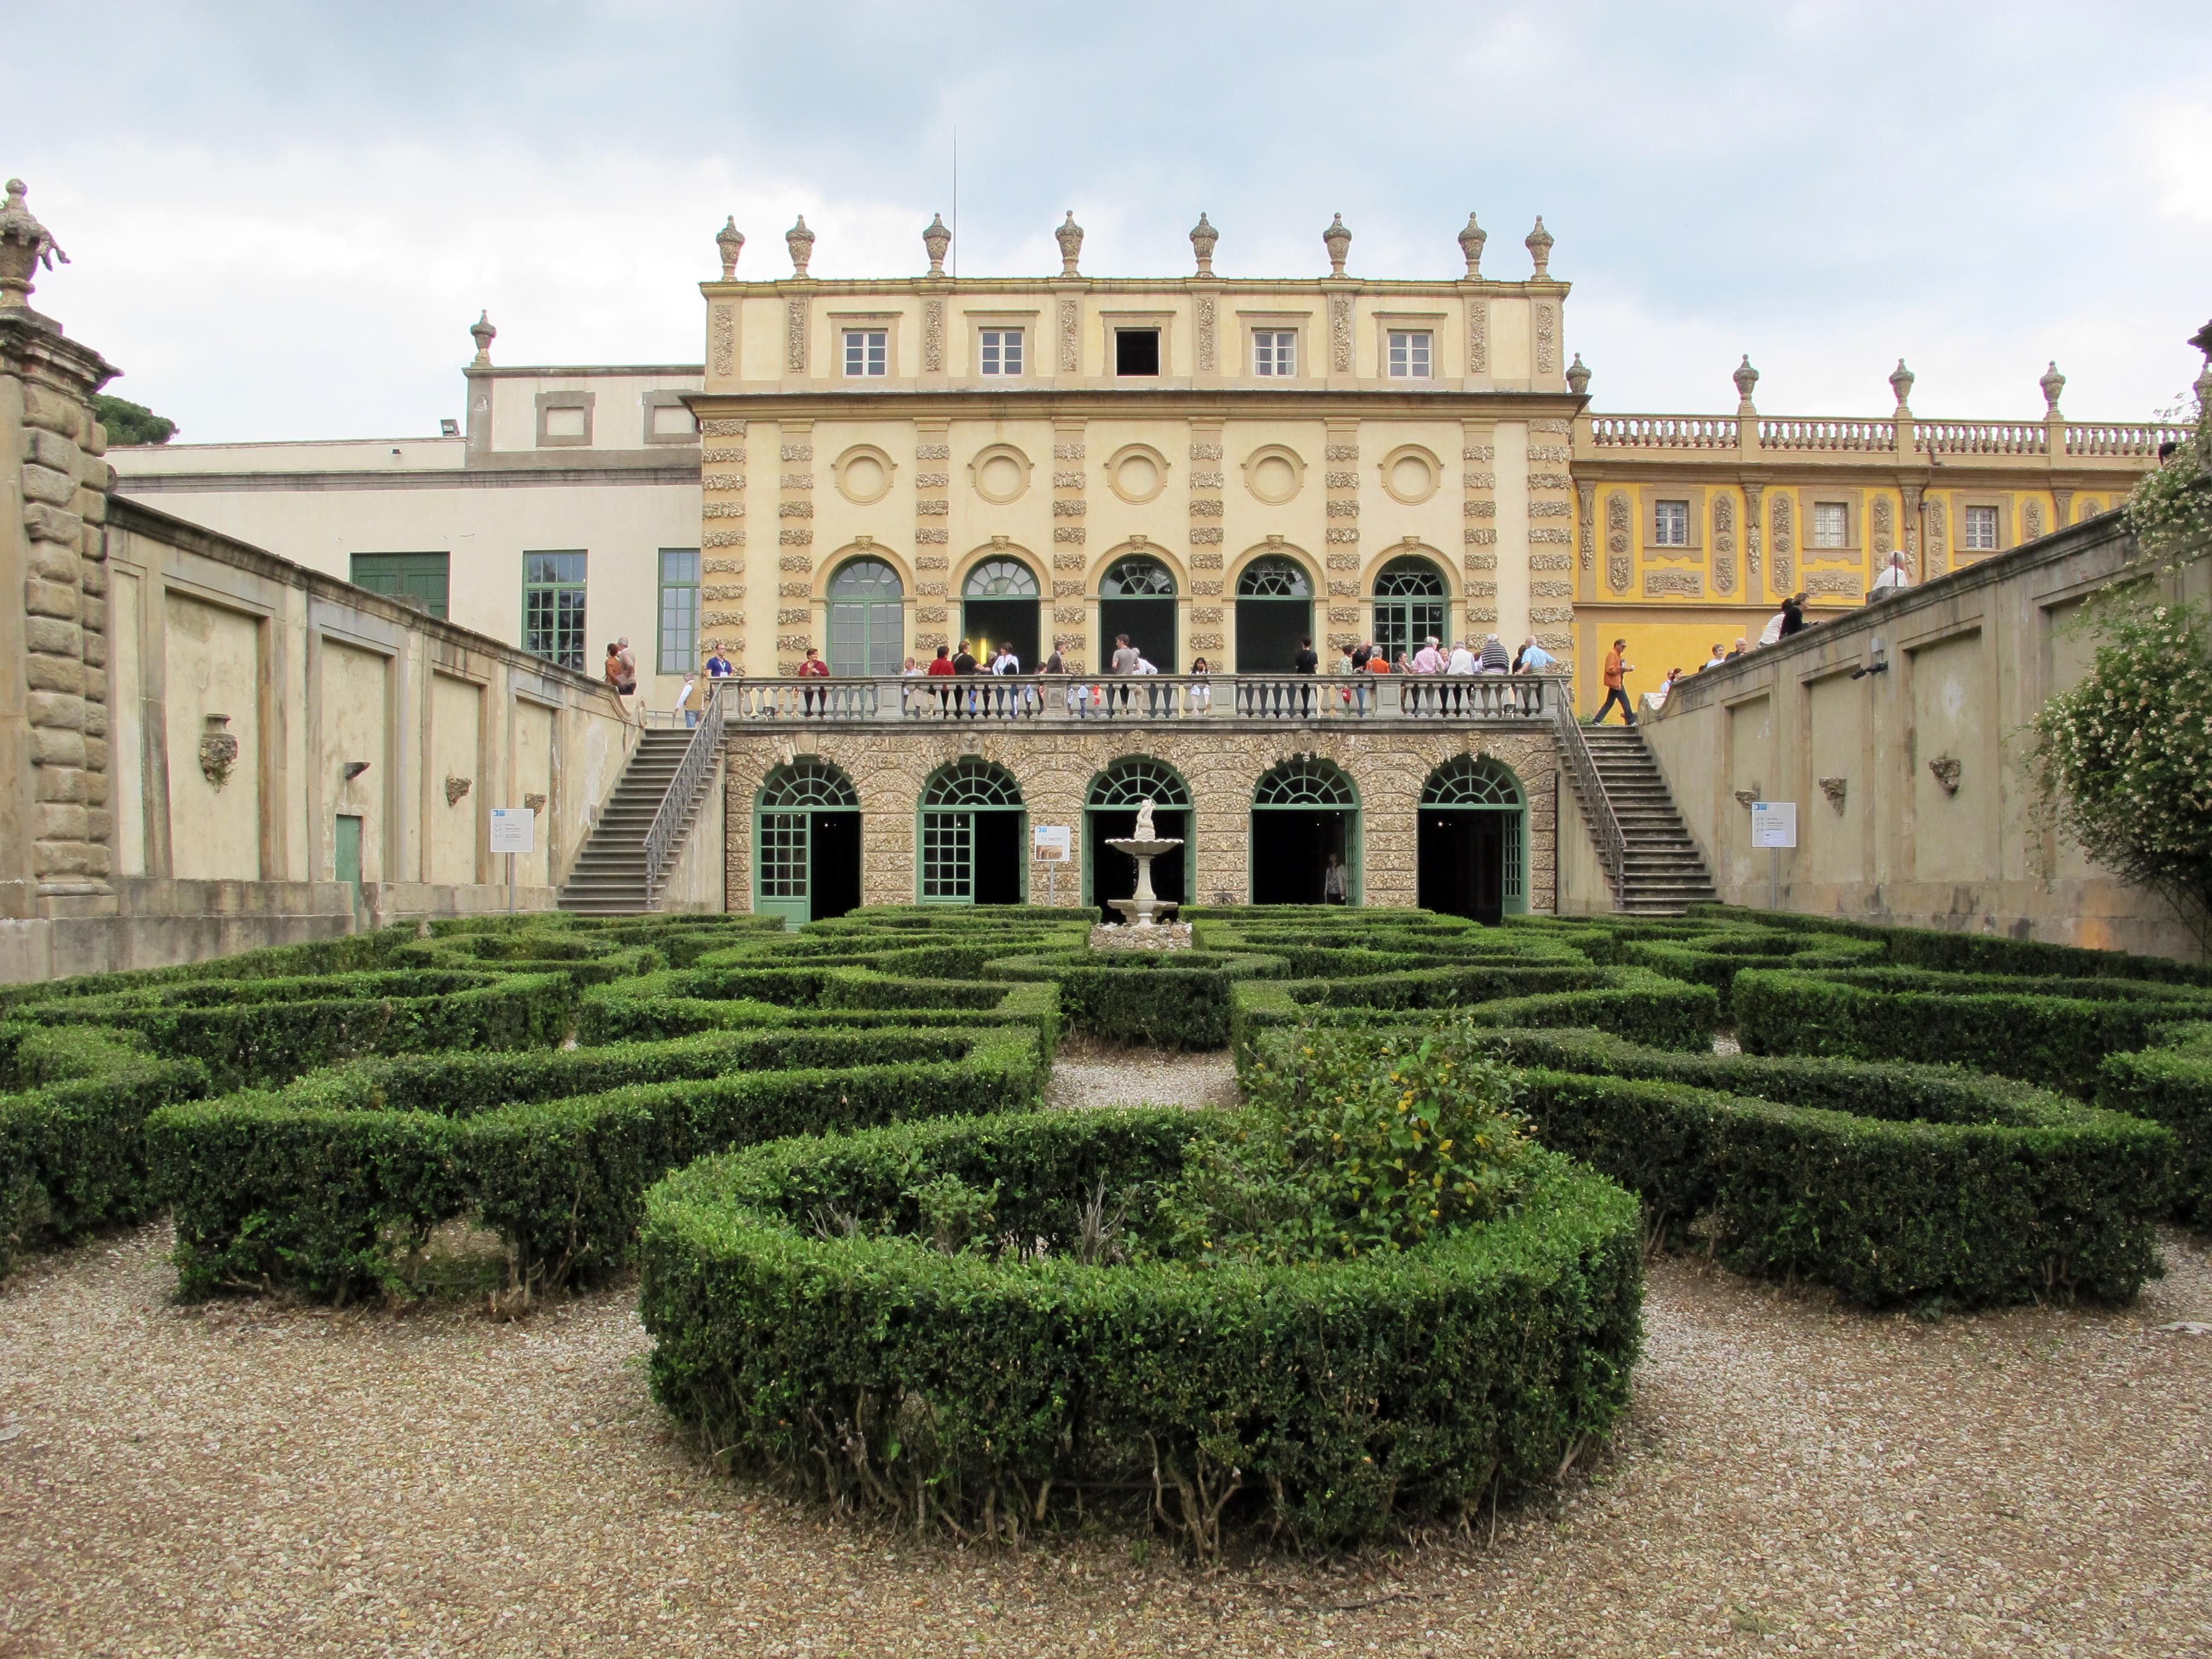 Die Villa Salviati liegt im florentinischen Ortsteil Il Cionfo, in den Bergen oberhalb der Stadt. Sailko, Villa salviati, limonaia 08, CC BY-SA 3.0